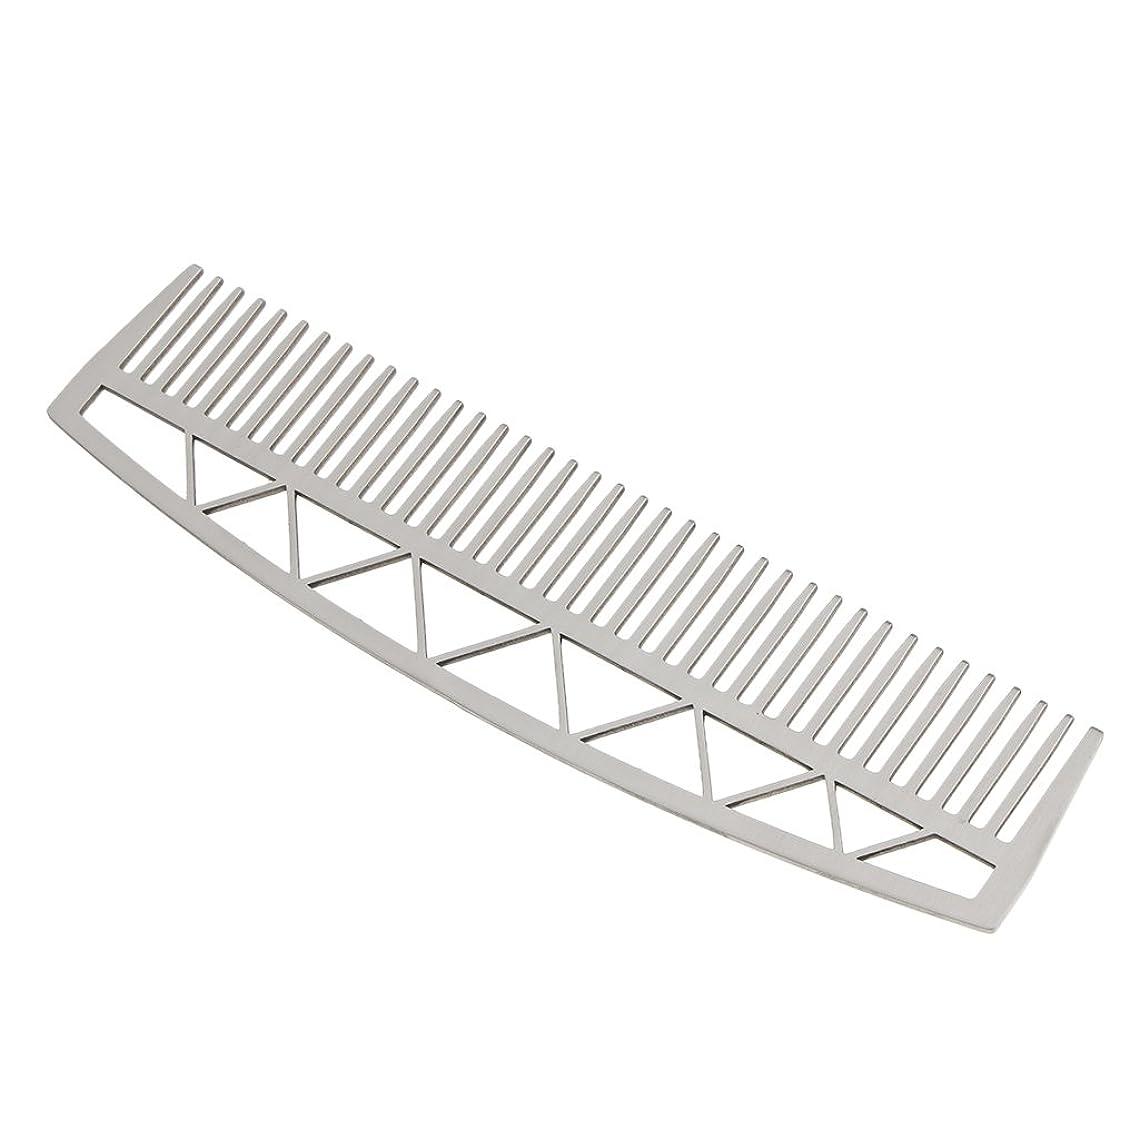 増加する煙突重荷口ひげ ひげ櫛 メンズ ビアードコーム ヘアコーム ステンレス鋼 耐久性 耐熱性 2タイプ - #2